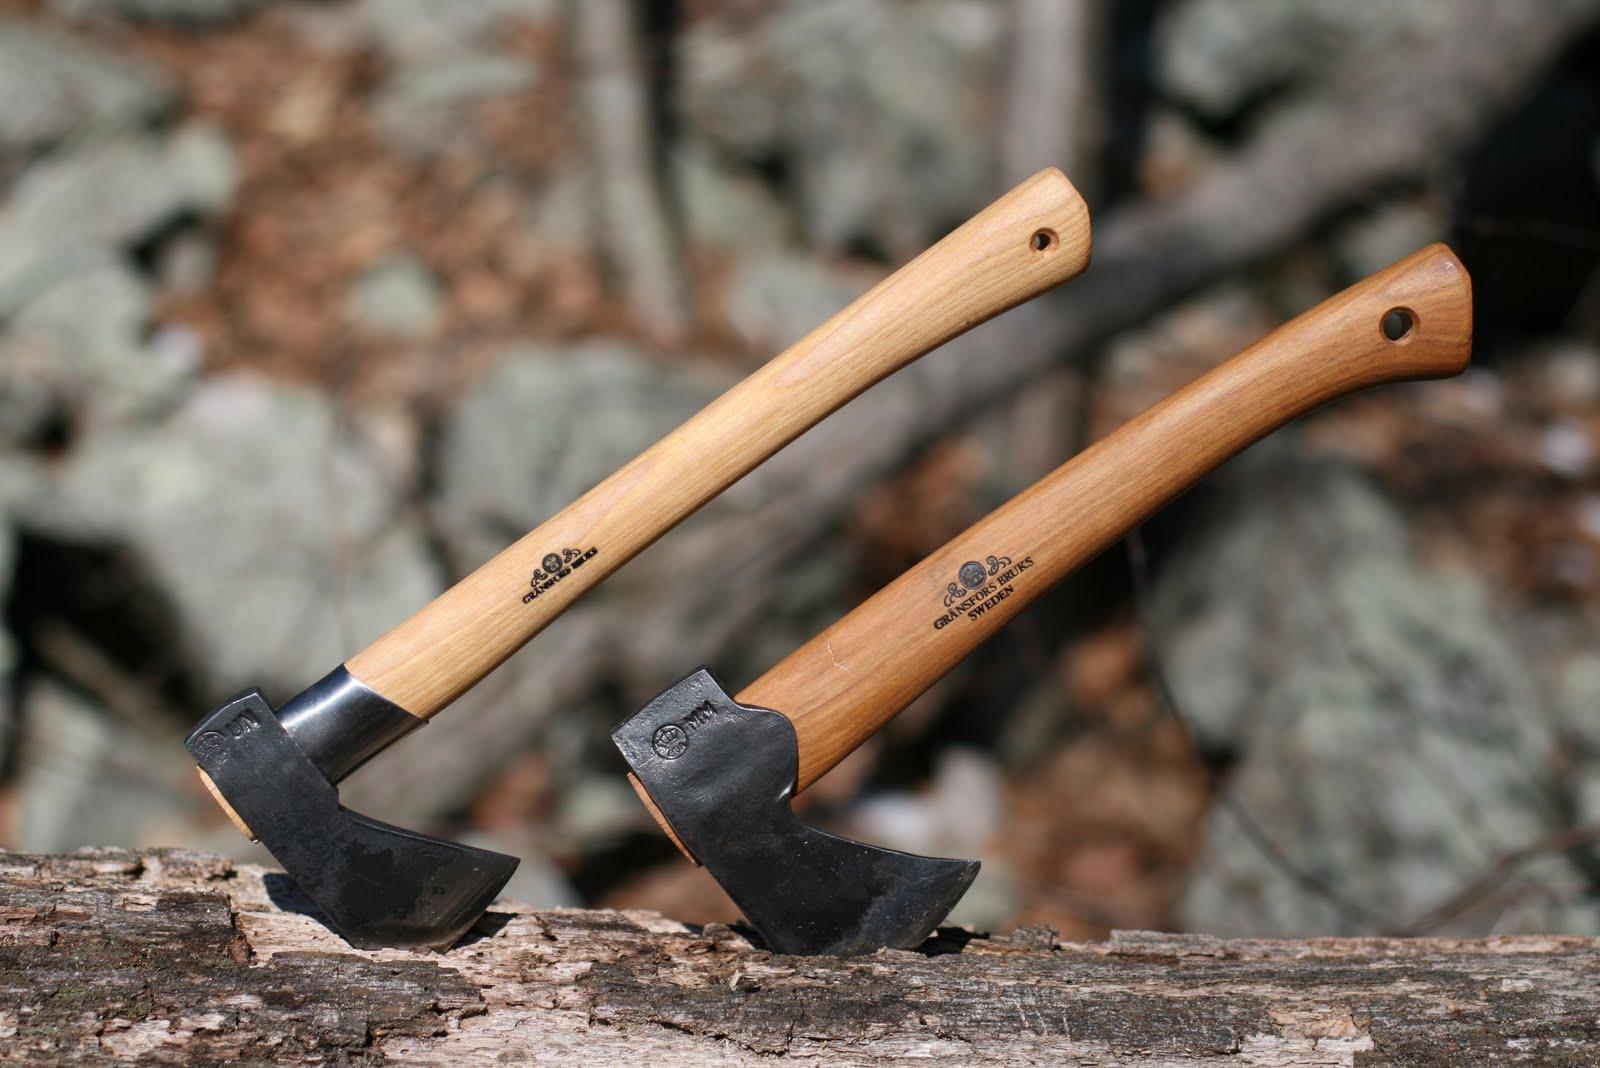 Wood Trekker: Grasfors Bruks Outdoor Axe Review